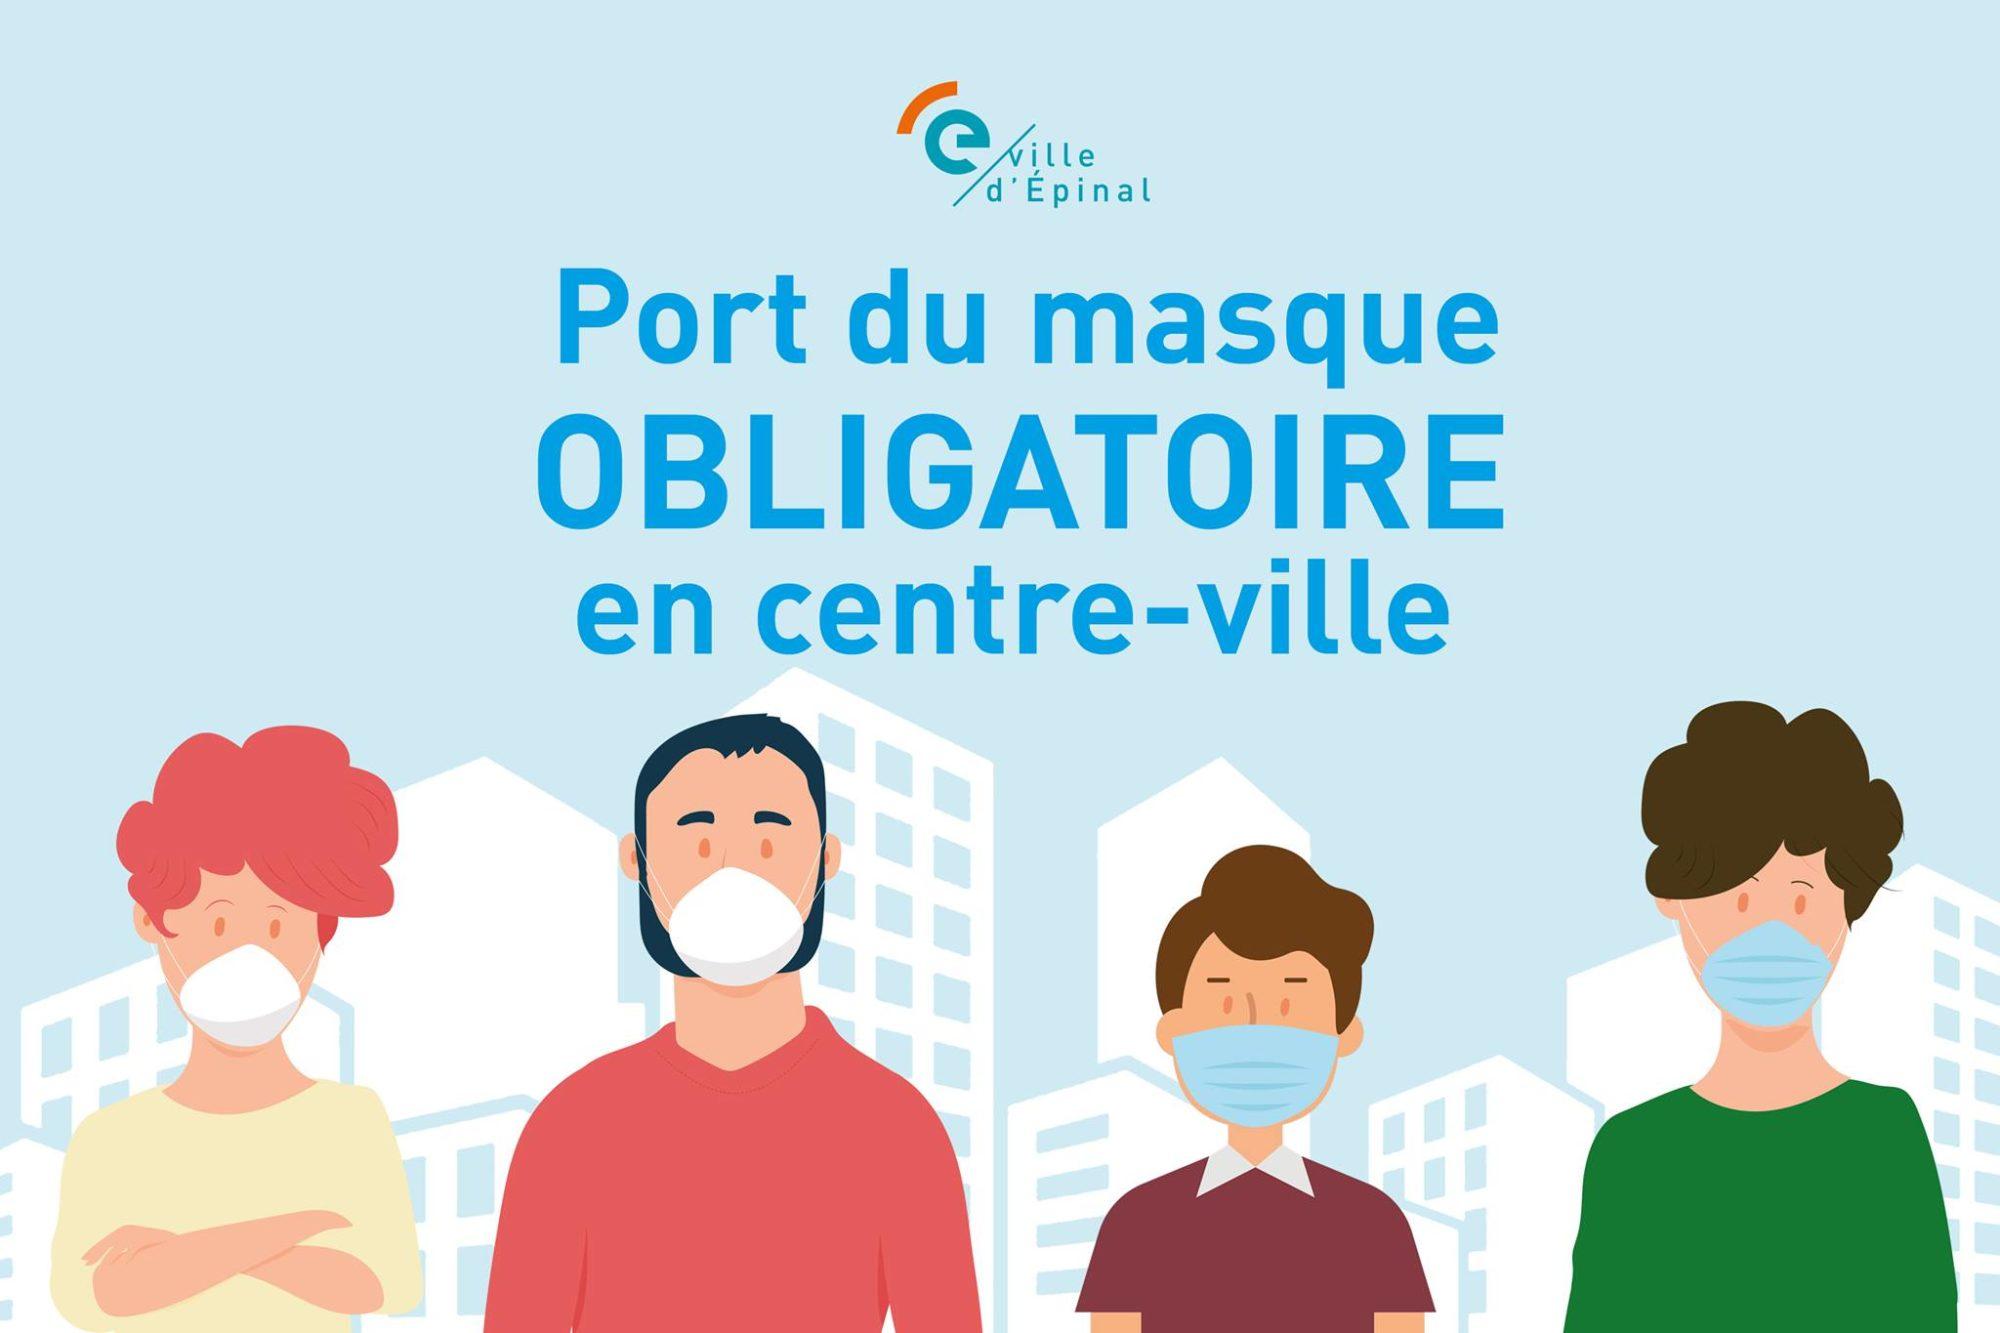 Port du masque obligatoire en centre-ville jusqu'au 31 janvier